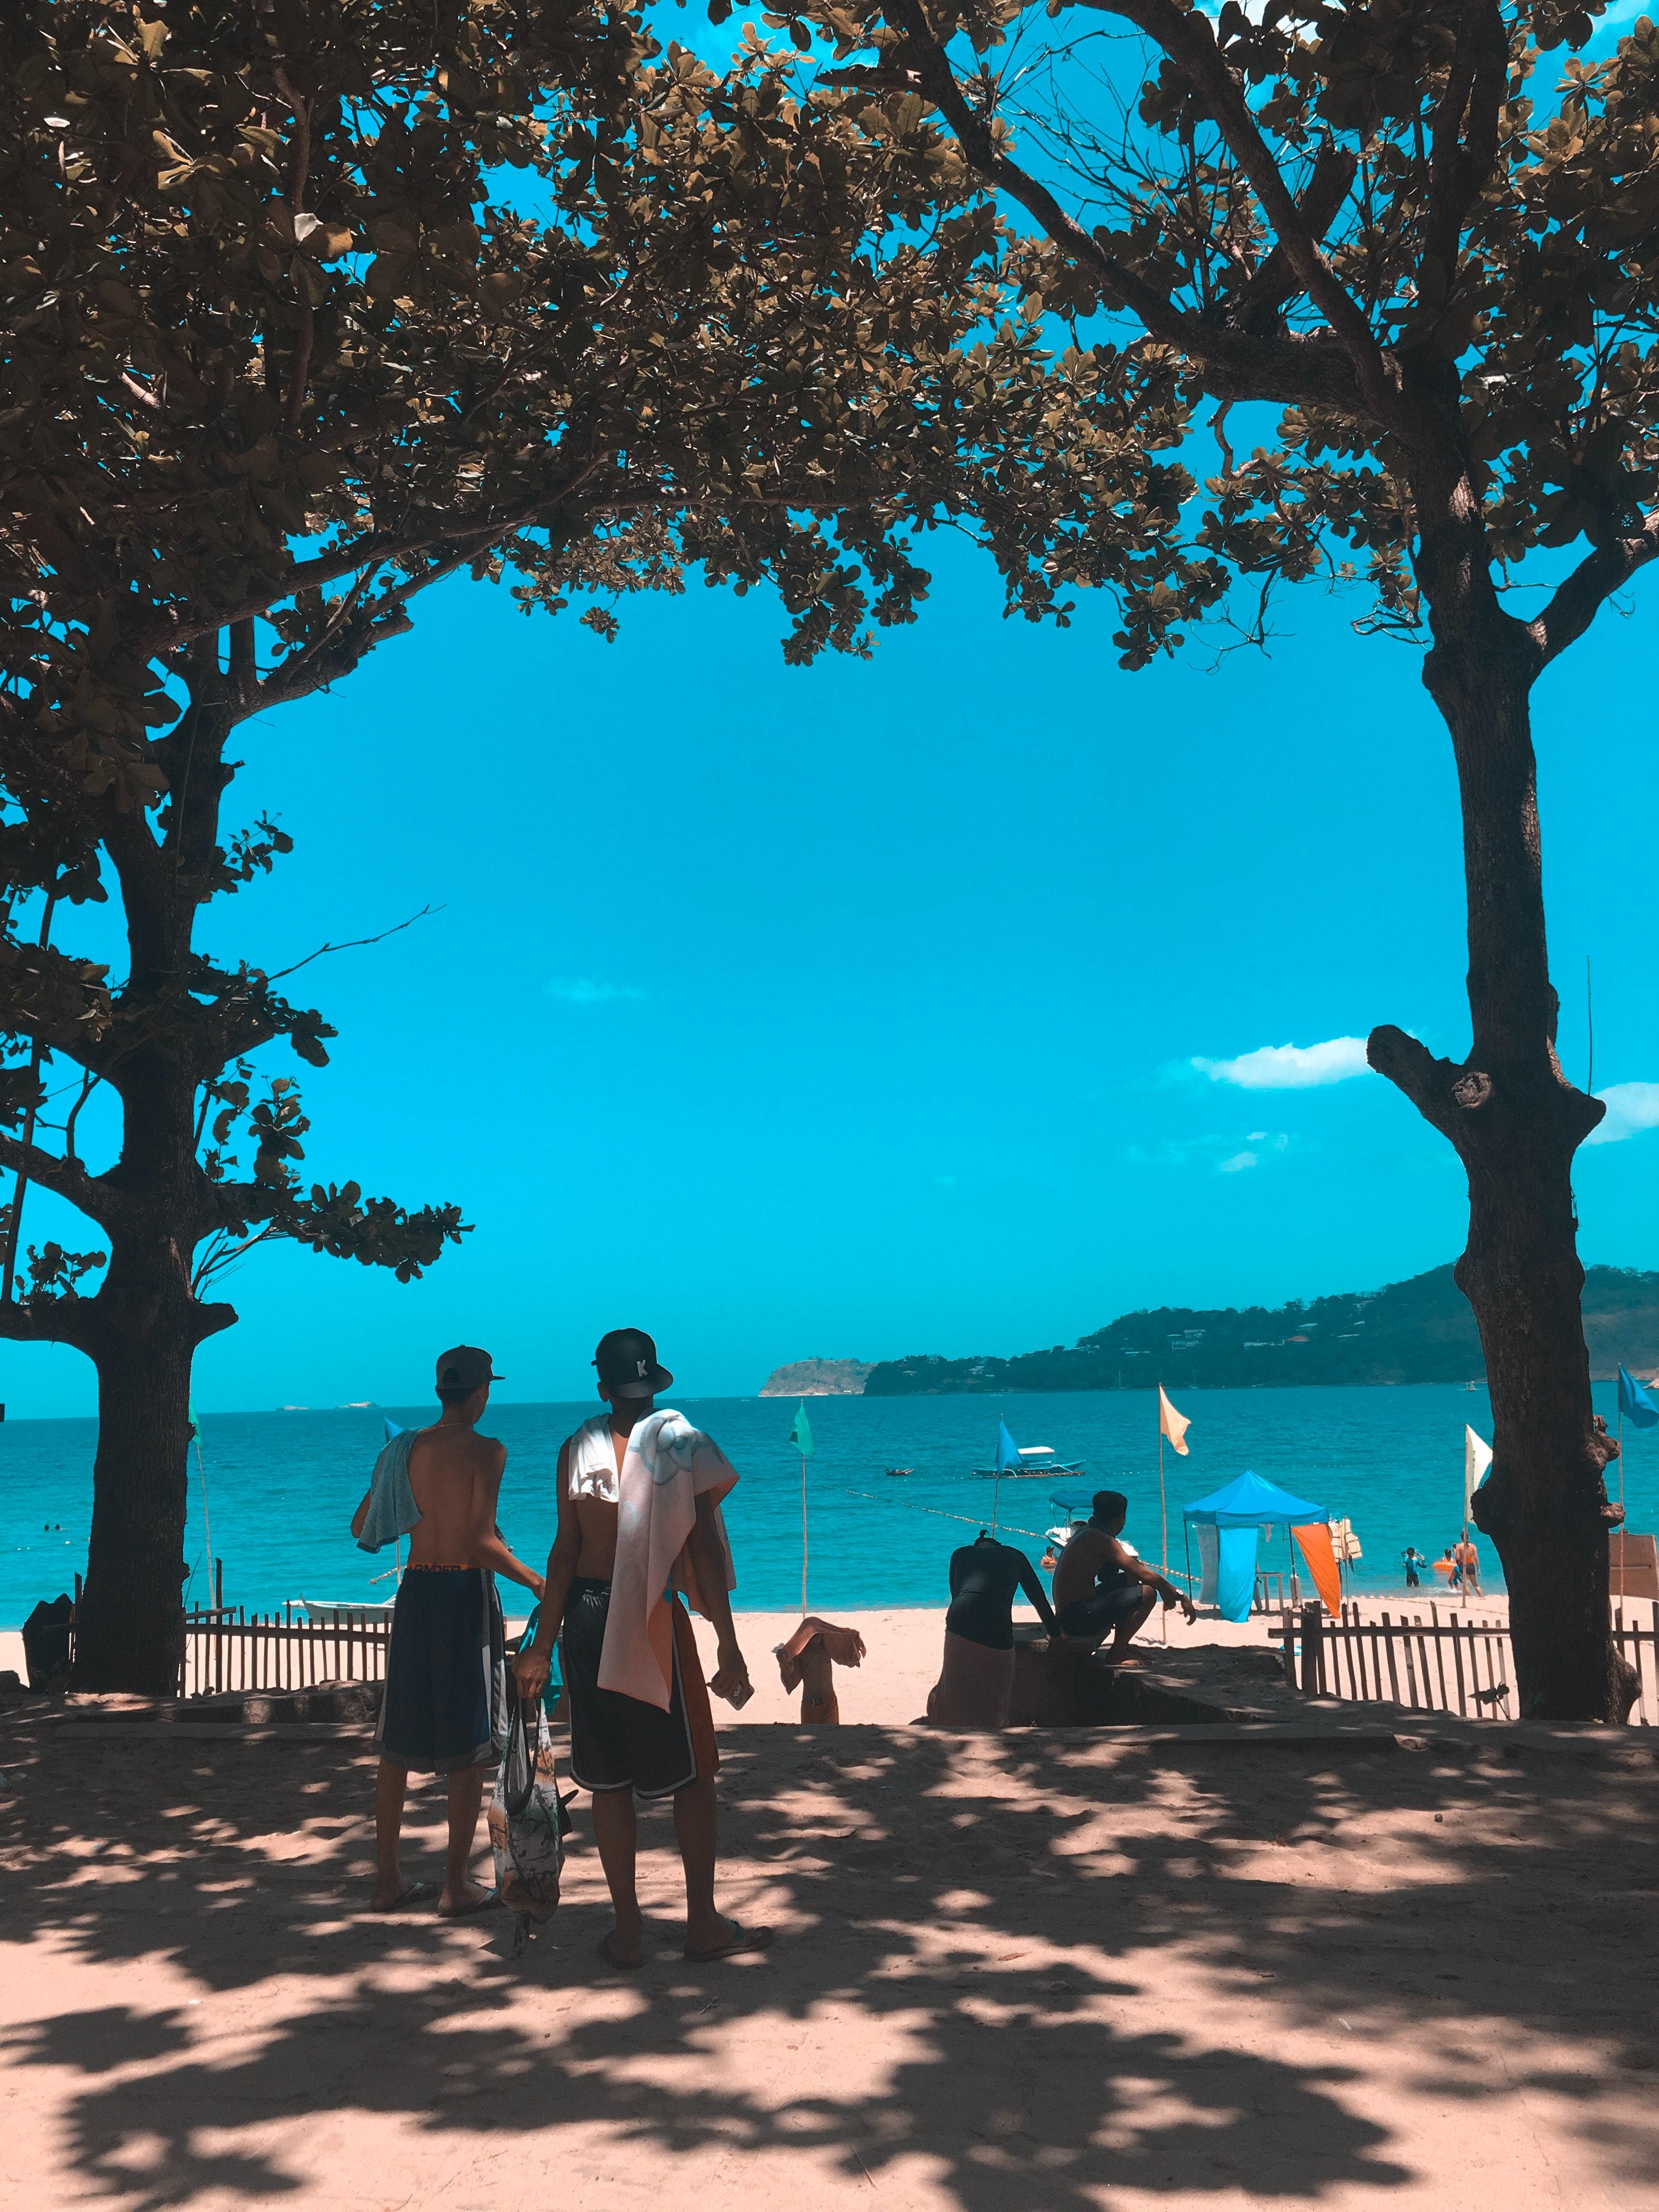 Hình ảnh Bờ Biển Màu Xanh Da Trời đám Mây Ban Ngày